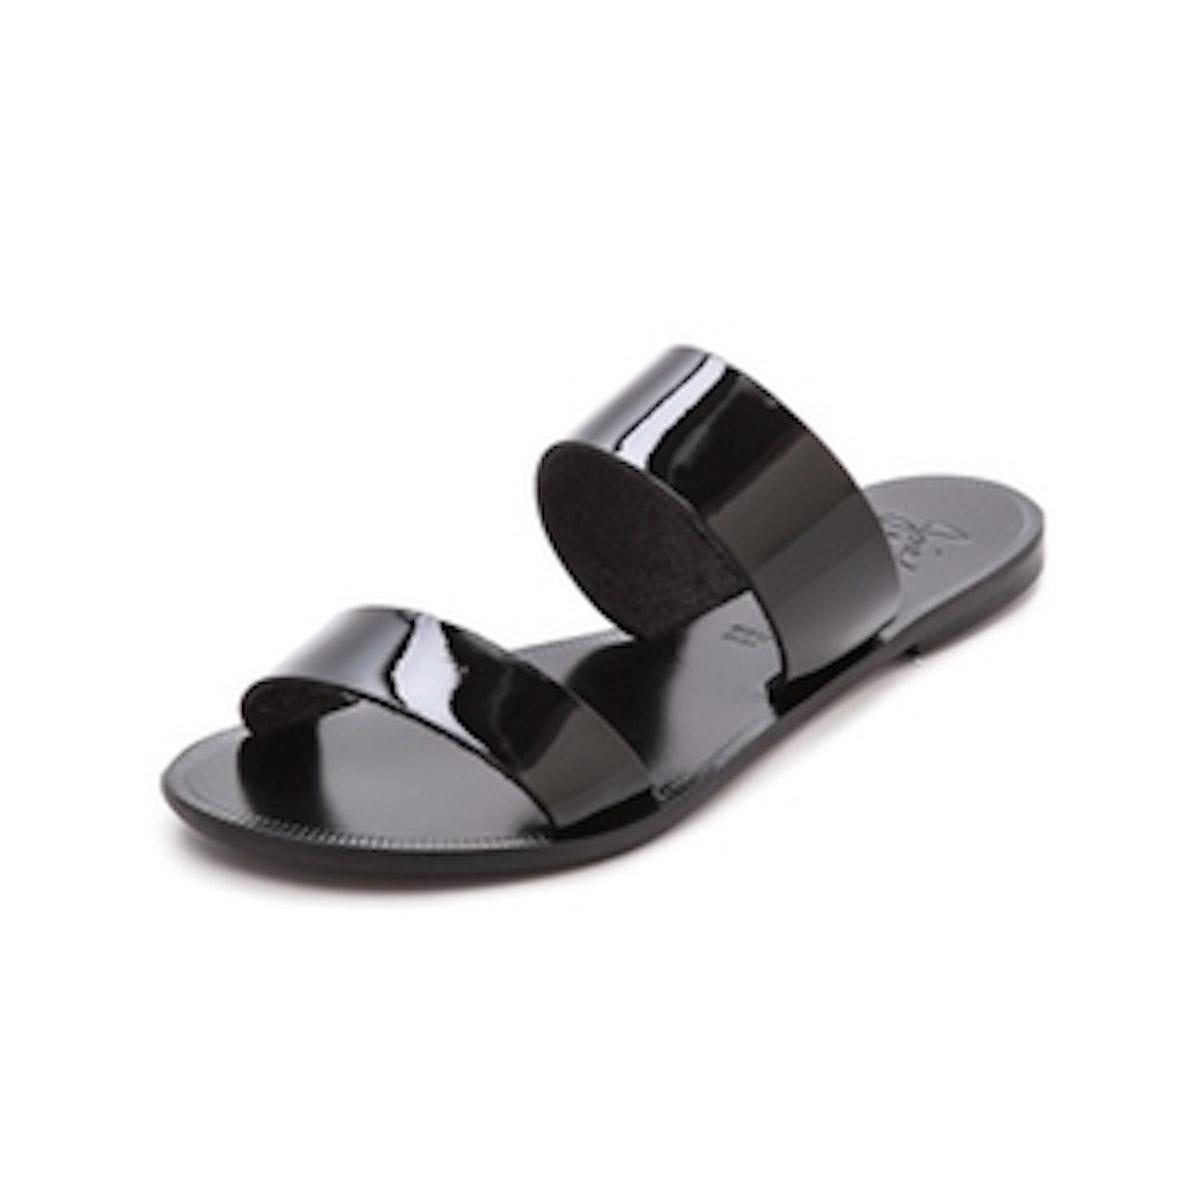 Sable Two Band Sandal